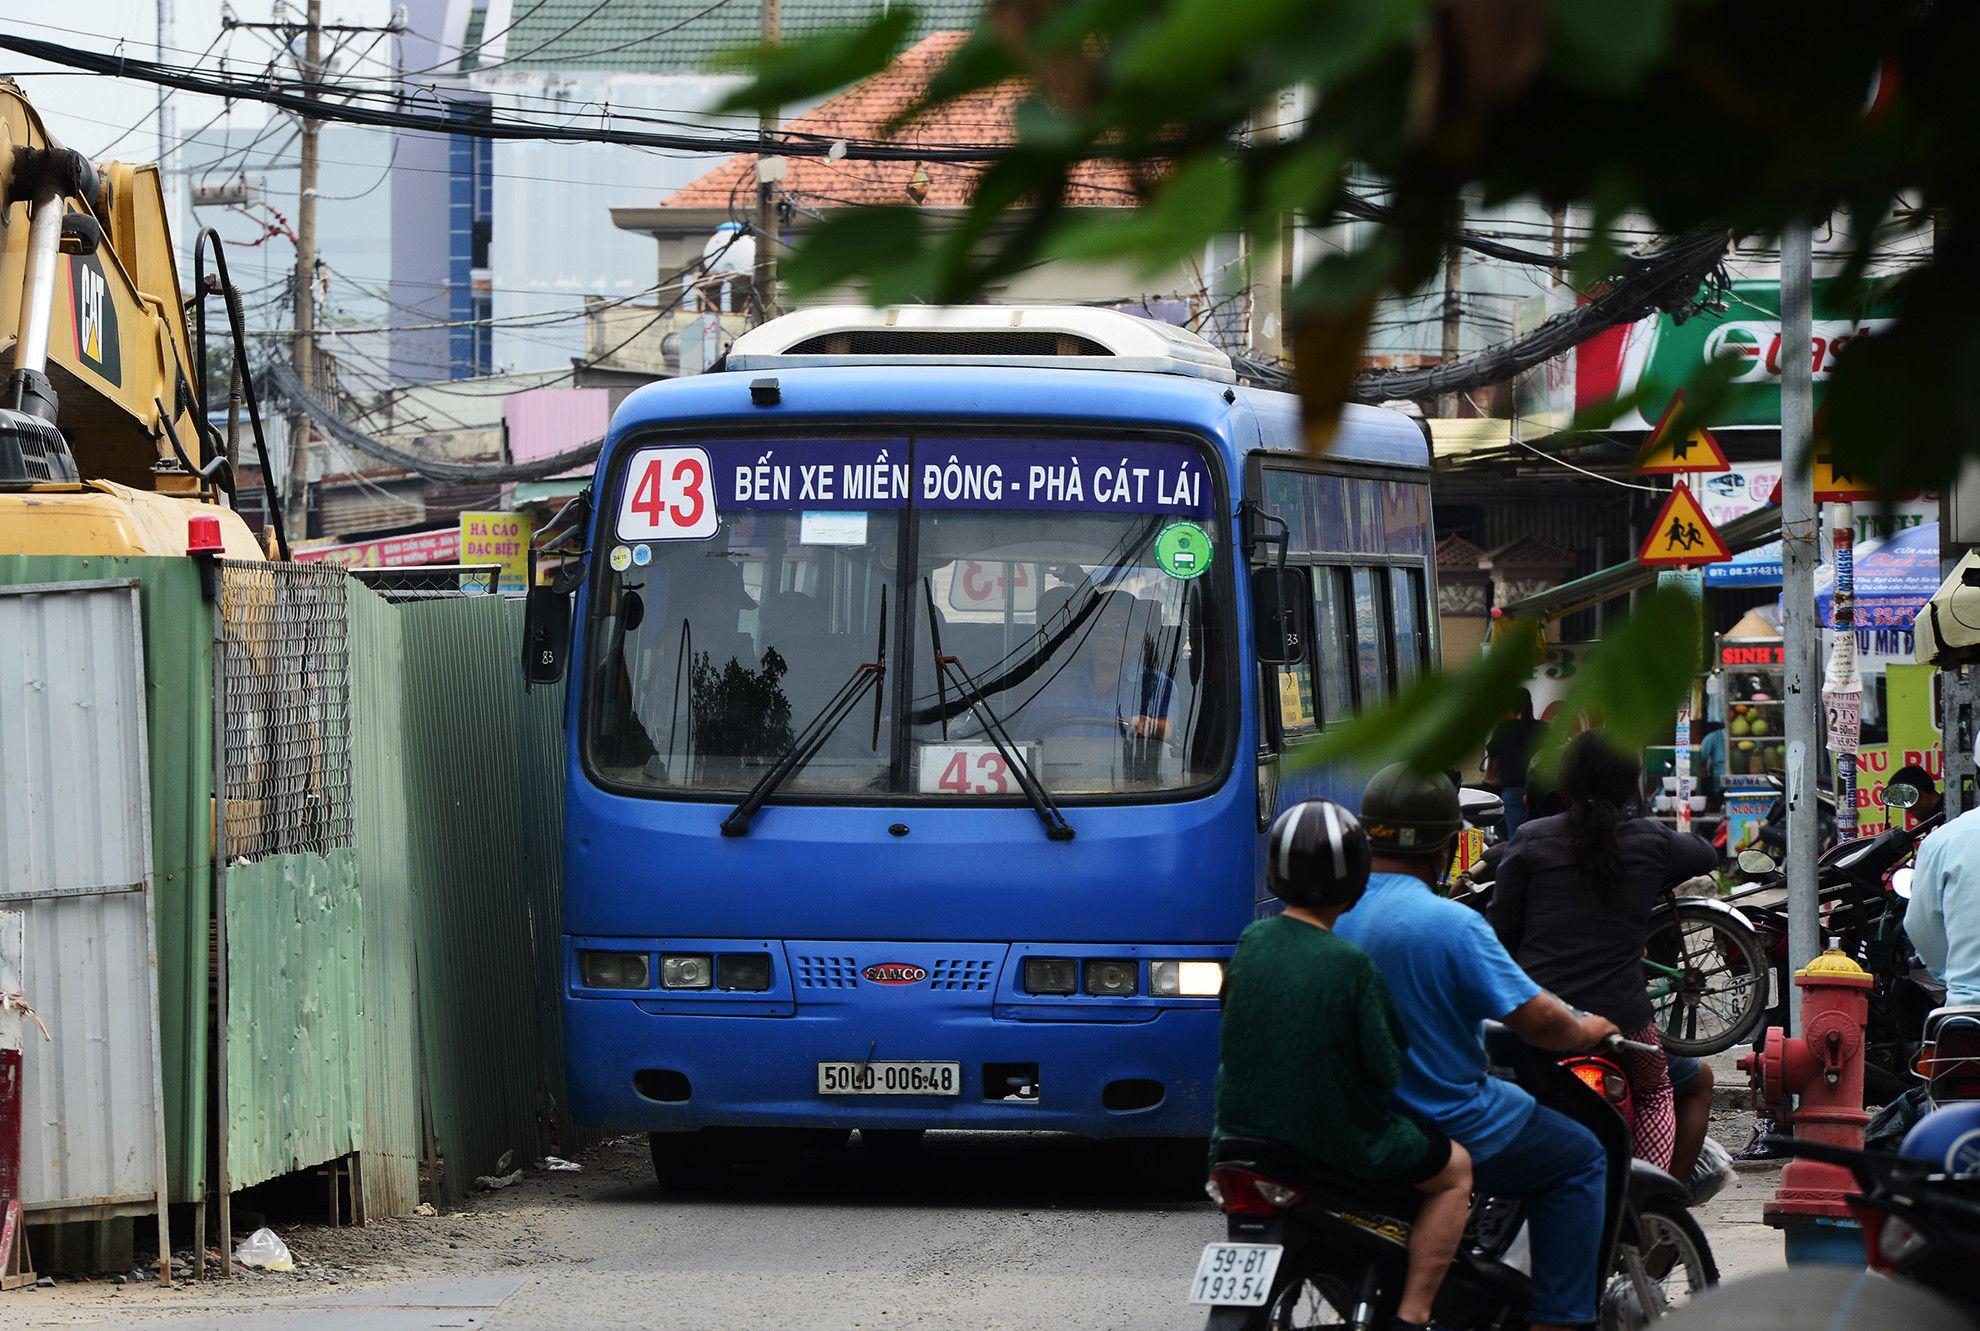 Cuối năm, lô cốt lại mọc lên khắp đường Sài Gòn Ảnh 13